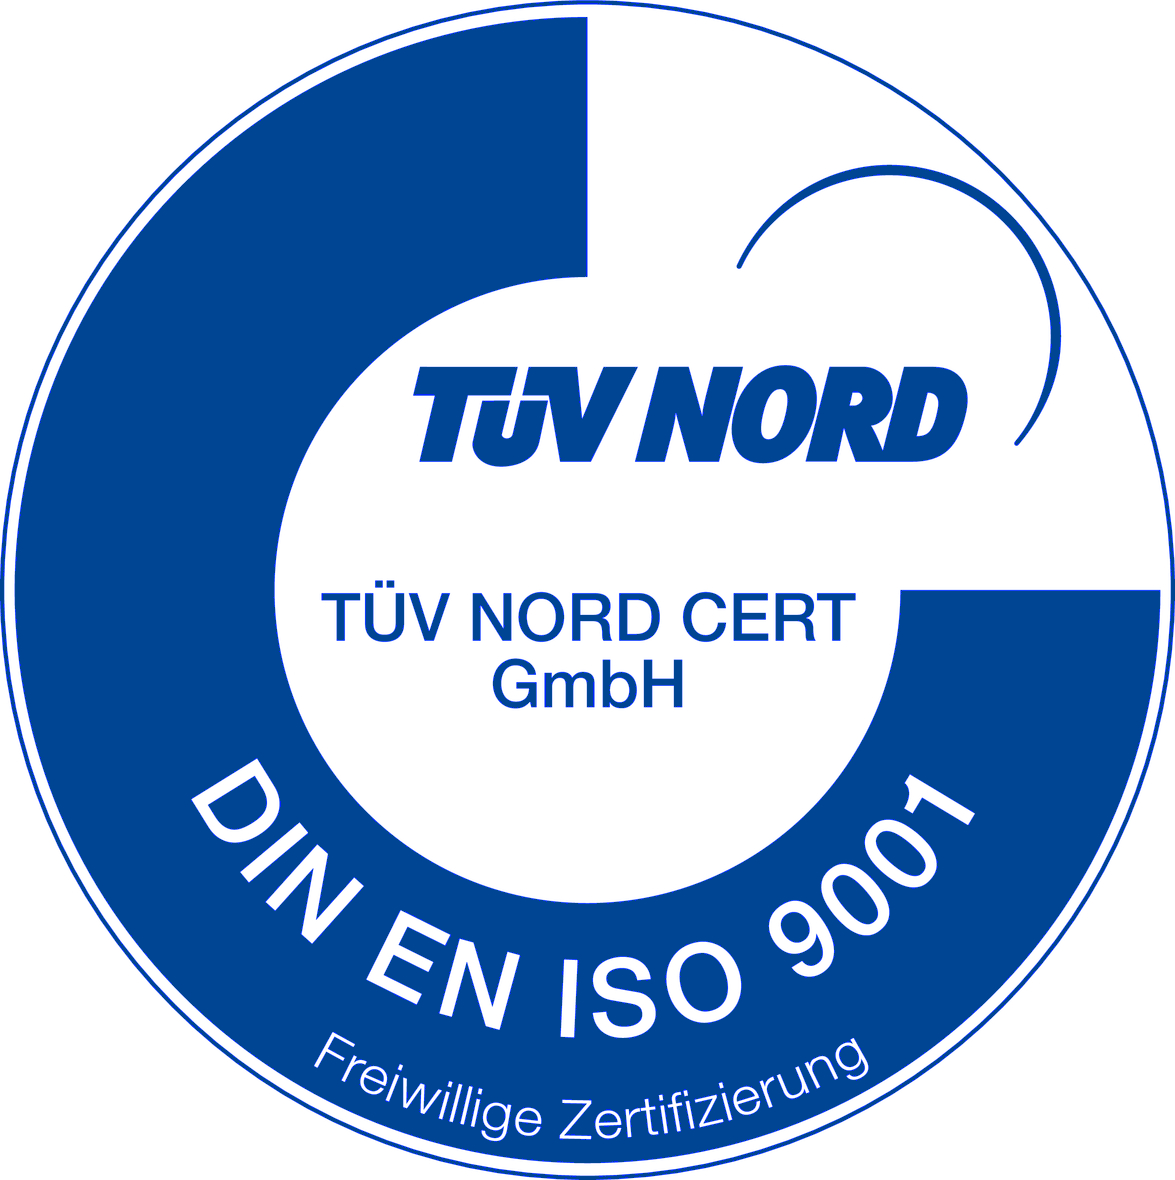 TüV NORD DIN EN ISO 9001